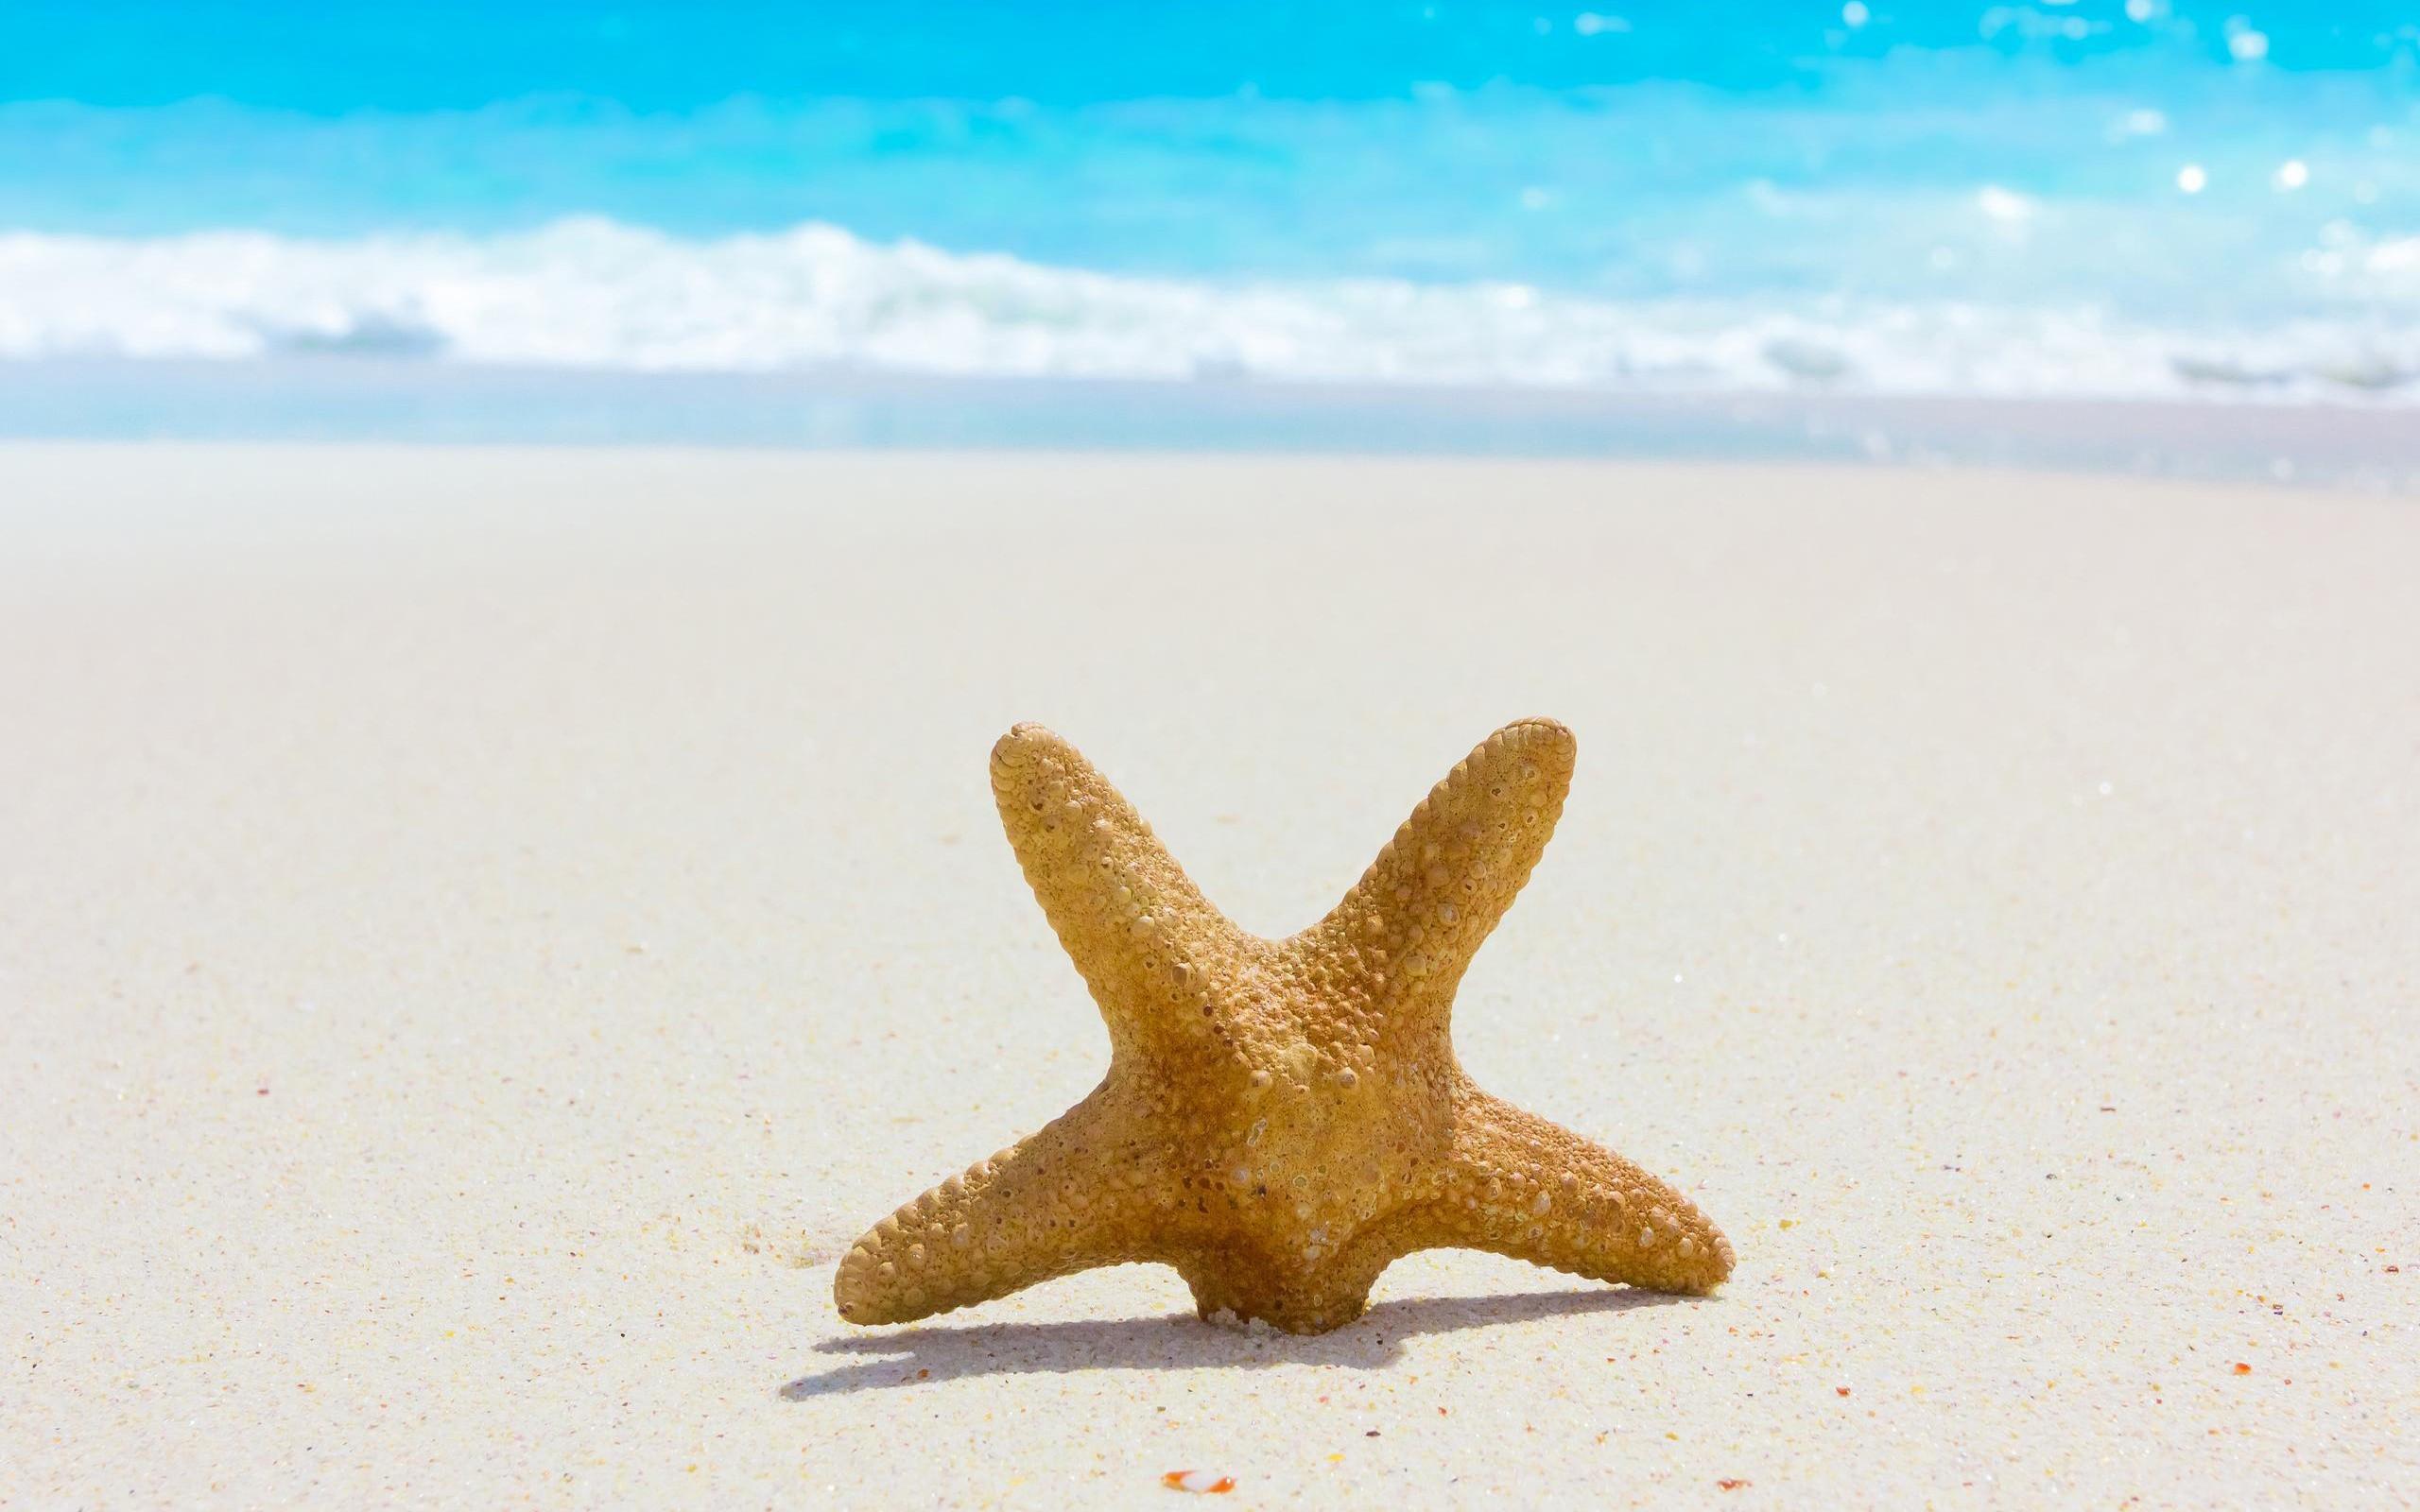 Estrella de mar en la playa - 2560x1600